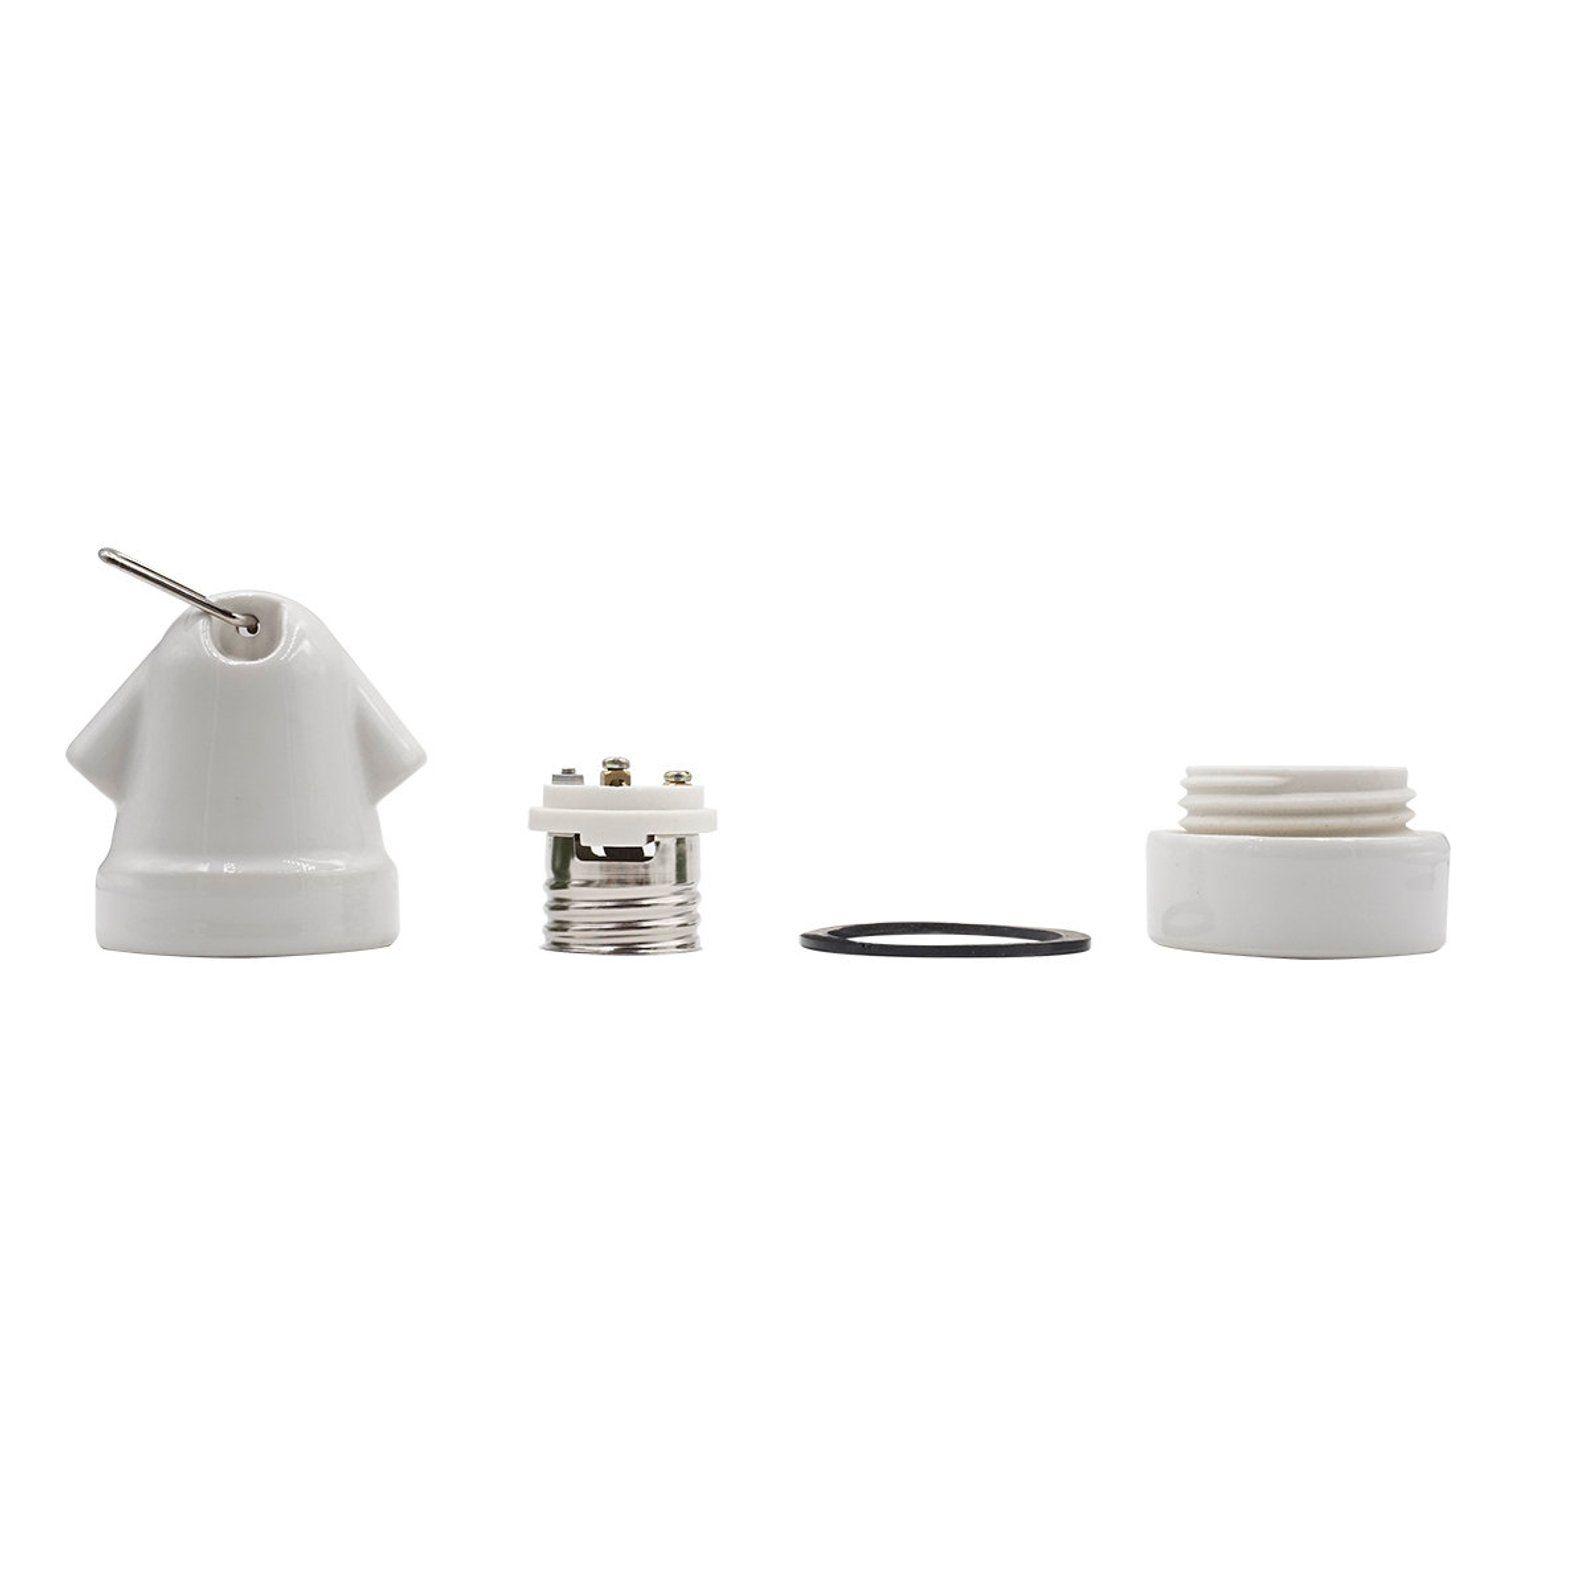 White Porcelain Mushroom Lamp Holder Ceramic Lamp Socket E27 Diy Vintage Style Light Socket Industrial Lighting Lighting Lamp Ceramic Lamp Lamp Socket Mushroom Lamp